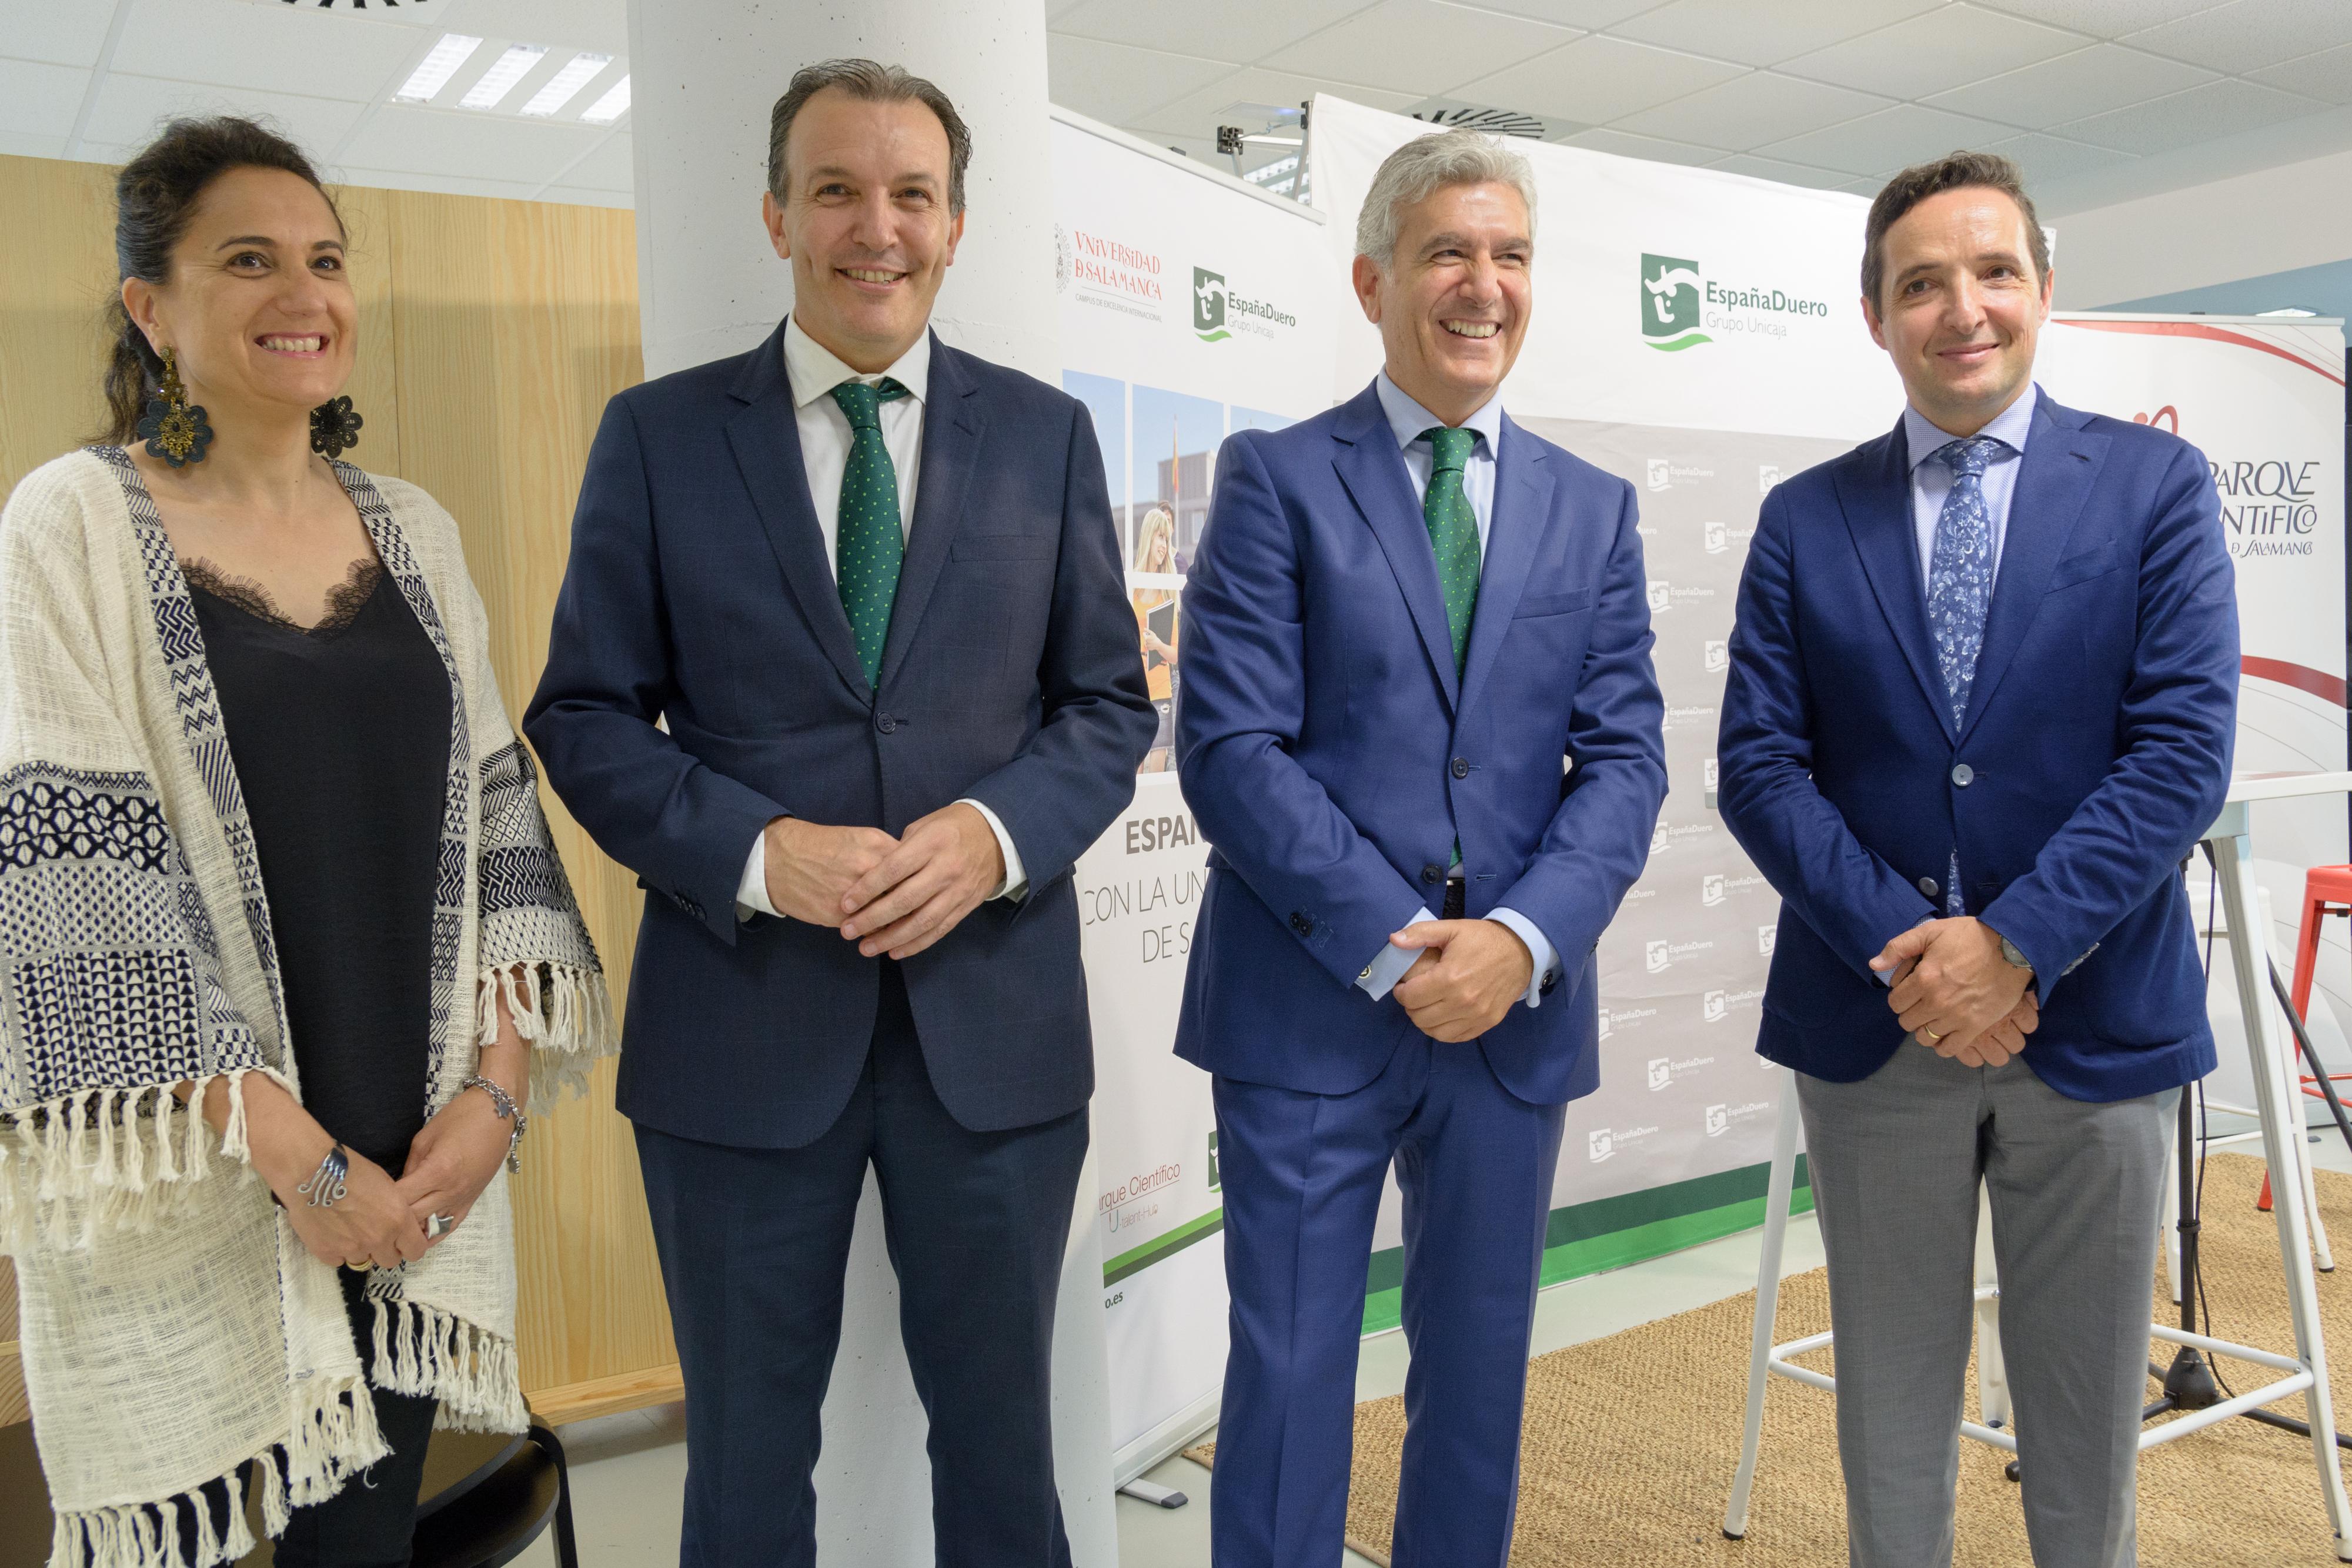 El Parque Científico de la Universidad de Salamanca y EspañaDuero renuevan su convenio para potenciar el emprendimiento y la innovación empresarial